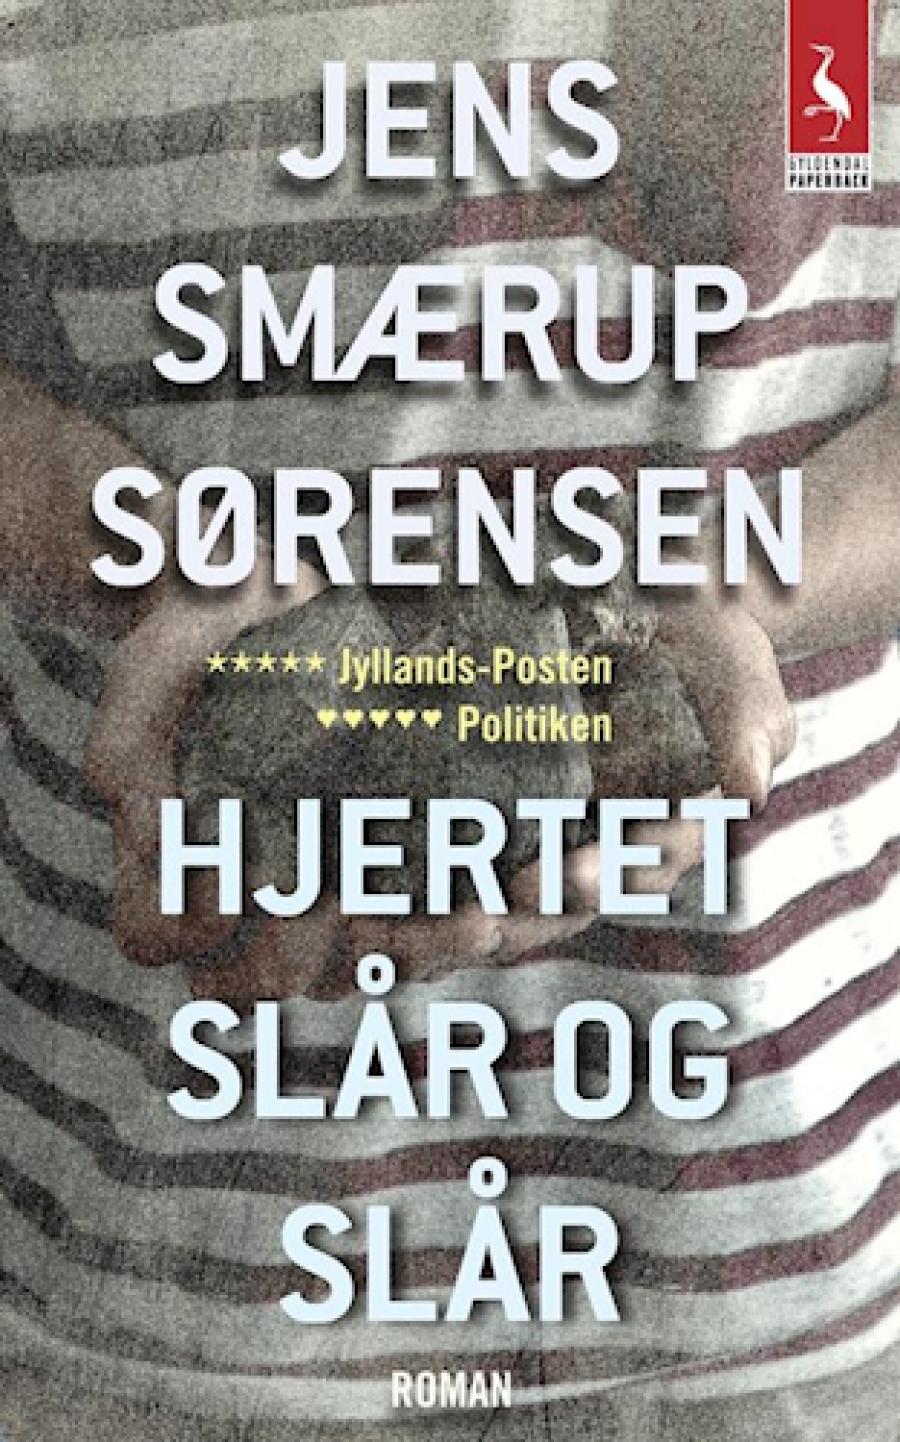 Hjertet slår og slår af Jens Smærup Sørensen